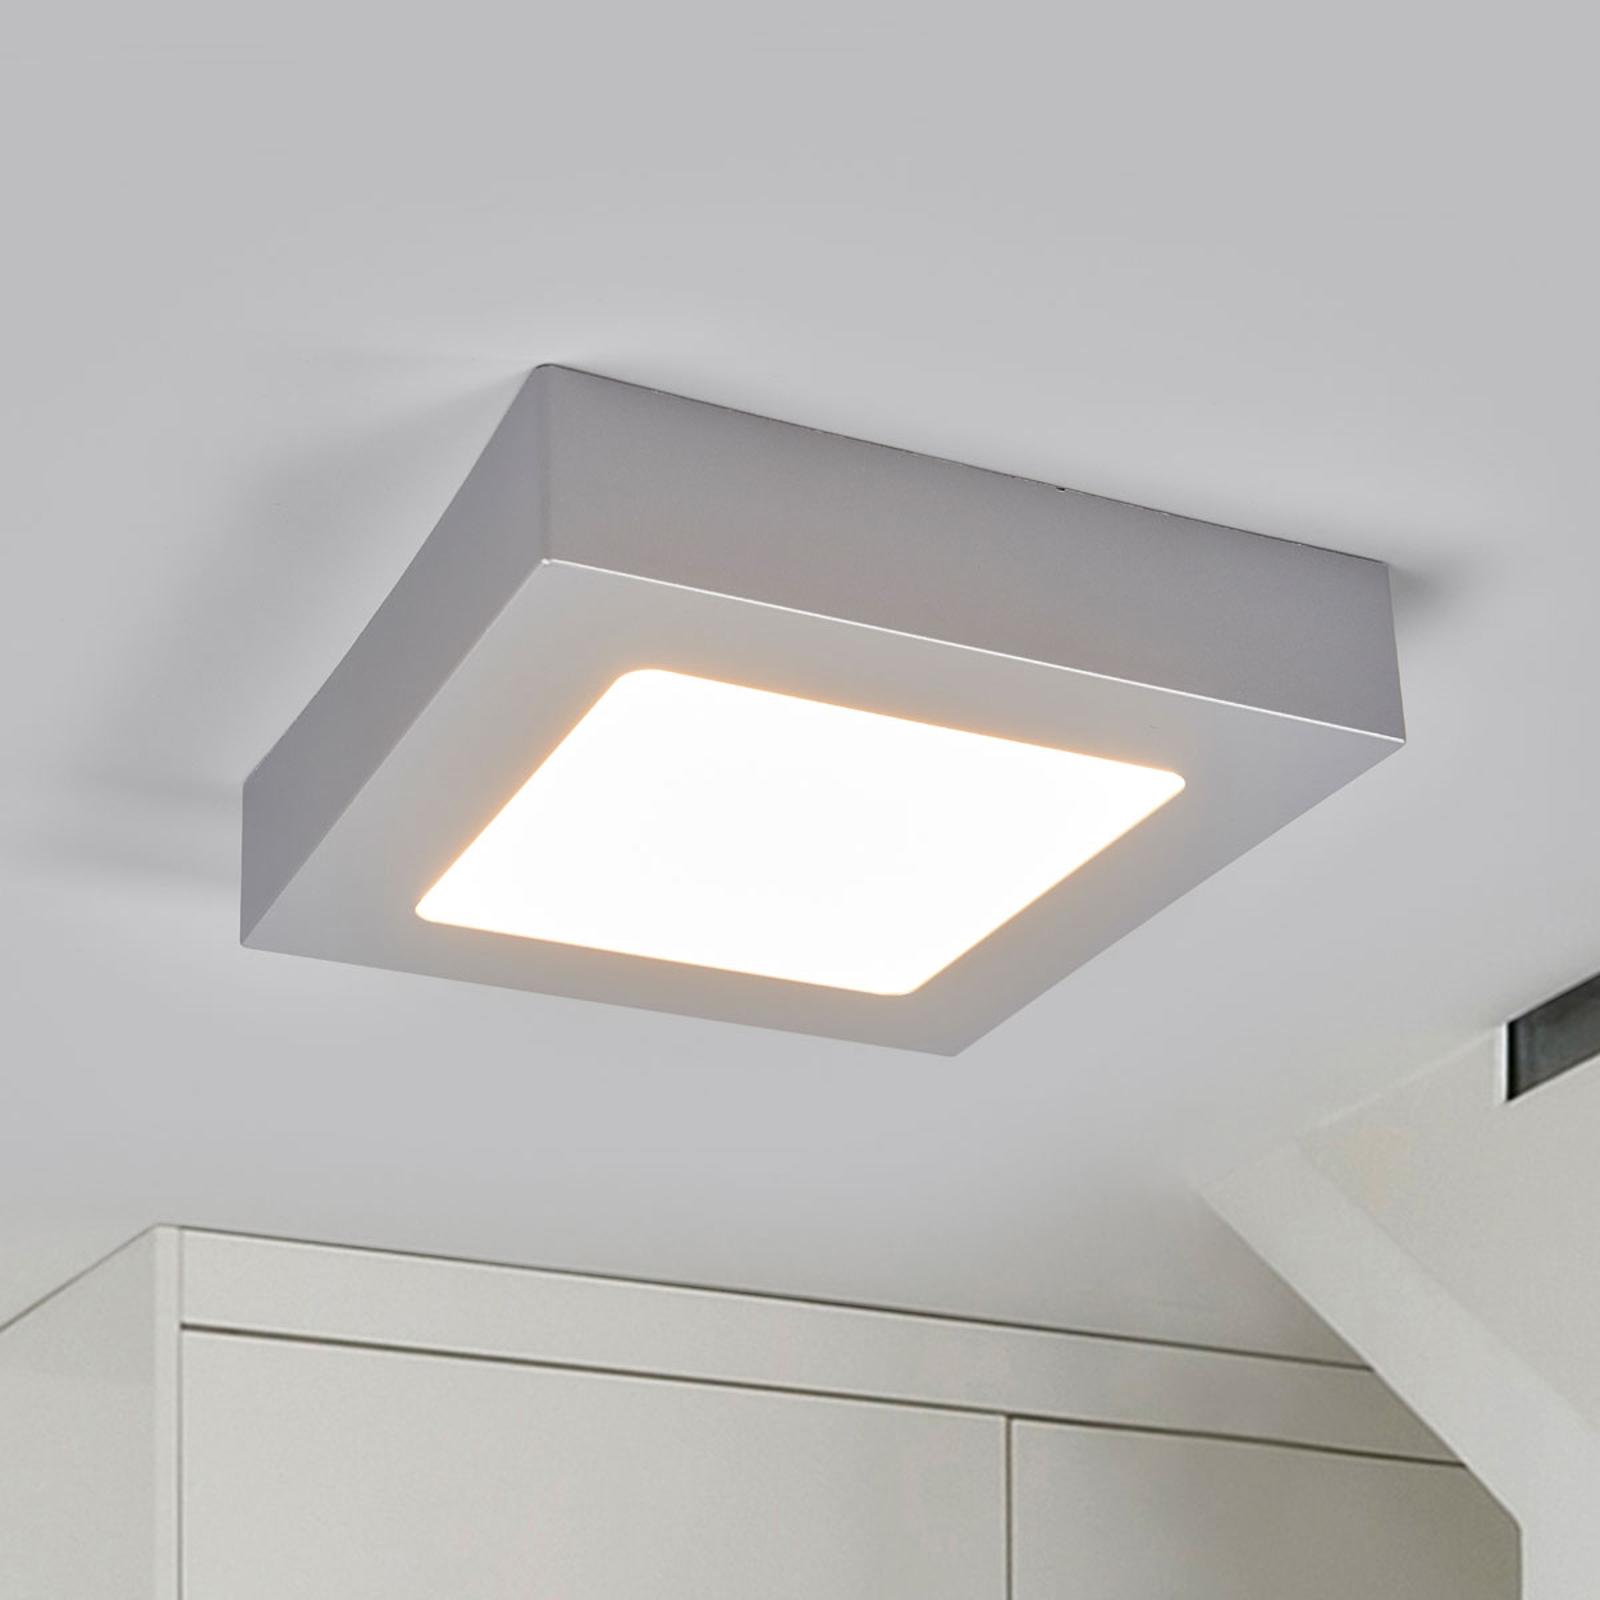 LED stropní svítidlo Marlo hranaté 18,1cm